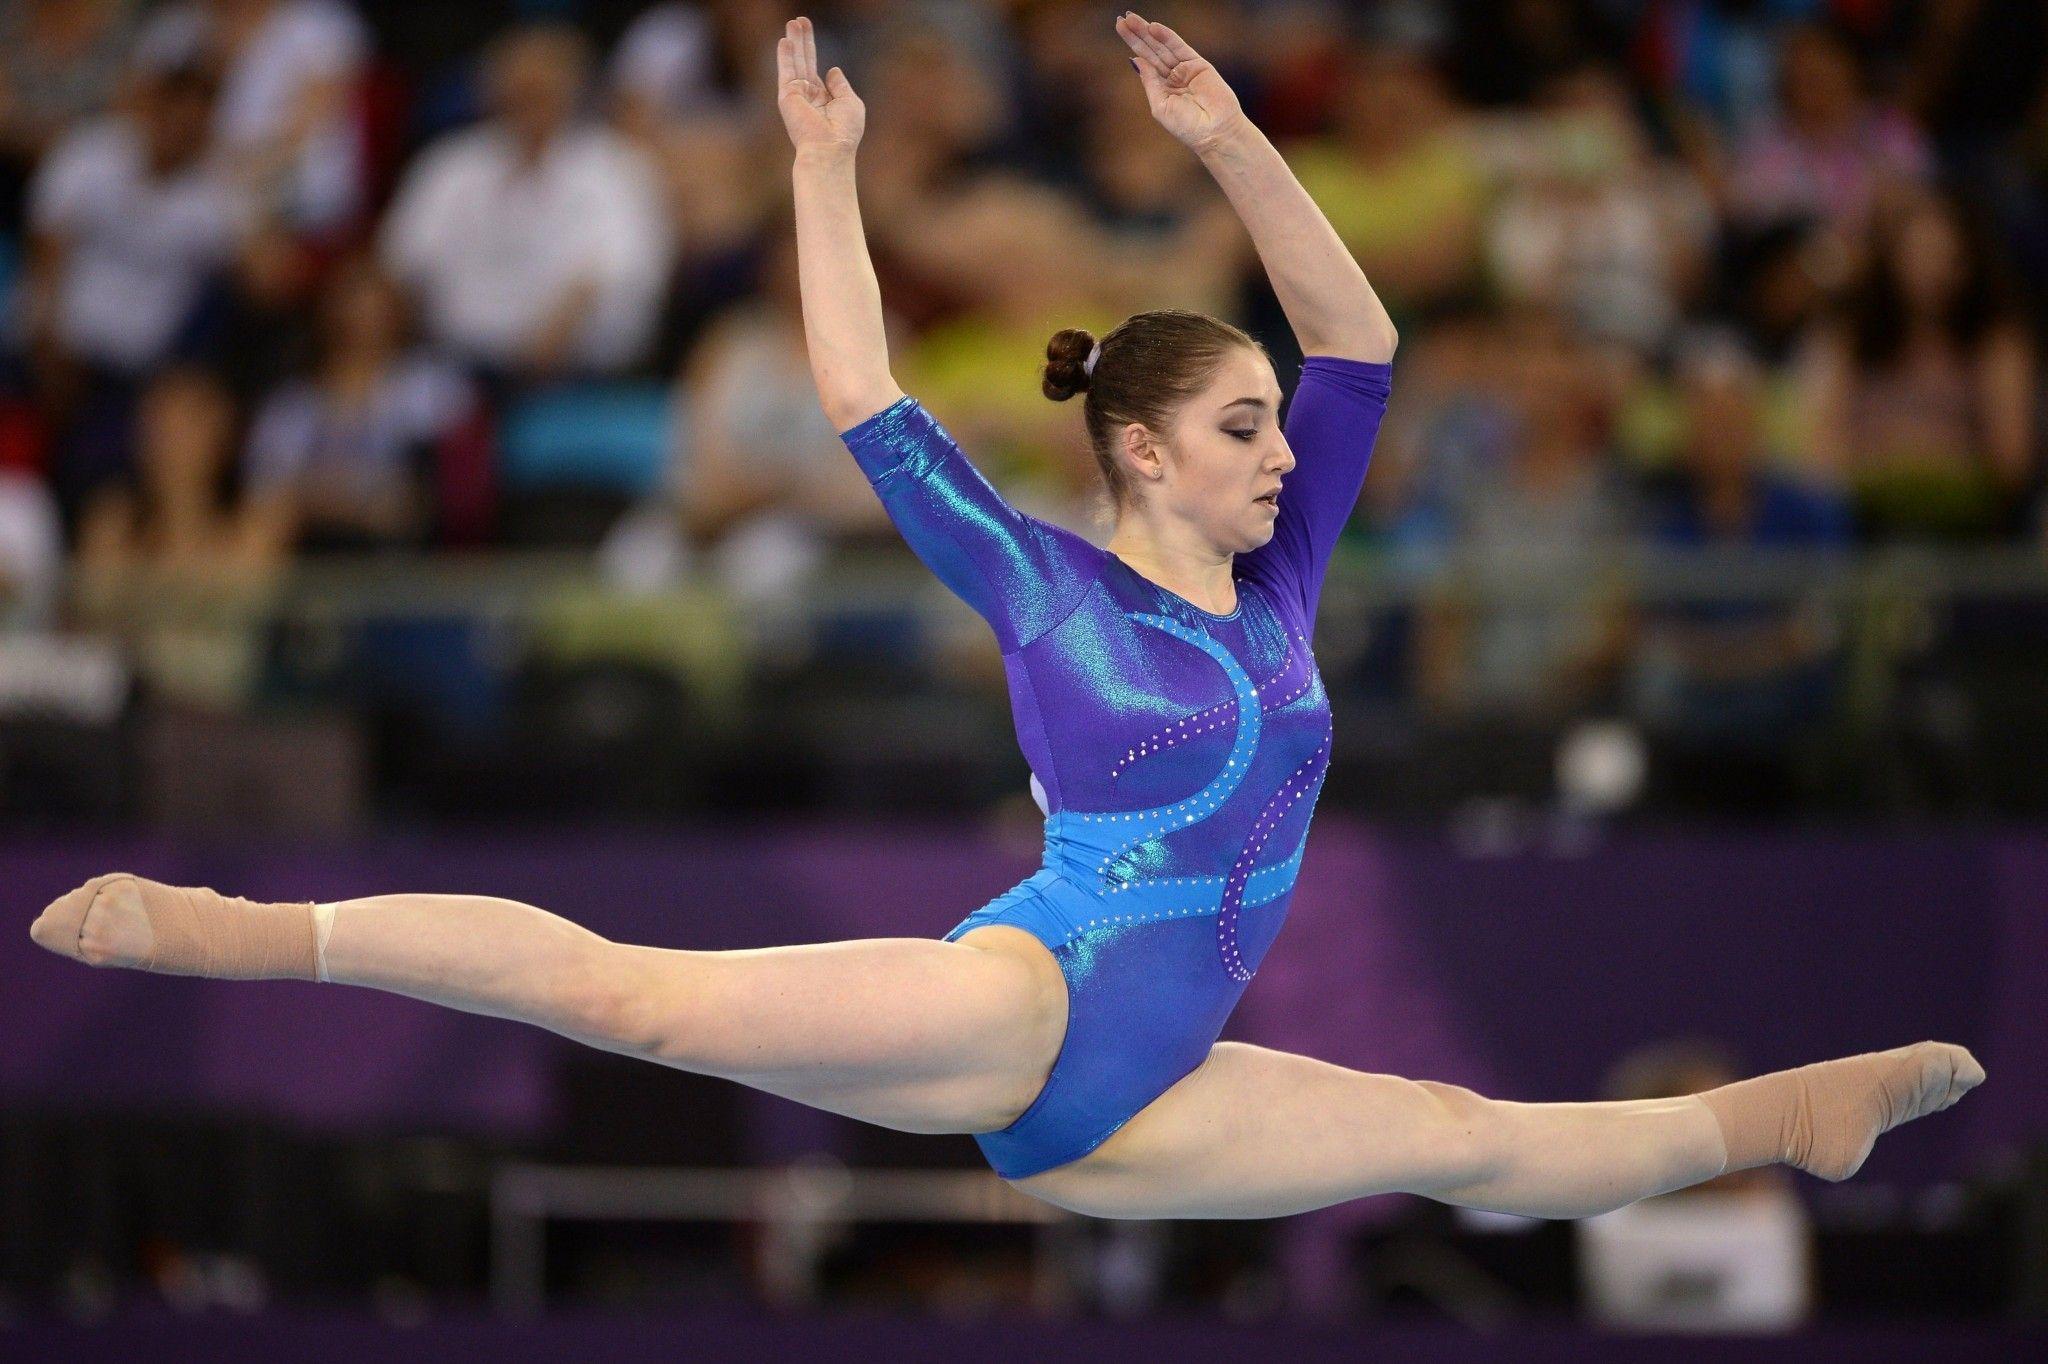 женская спортивная гимнастика фото как